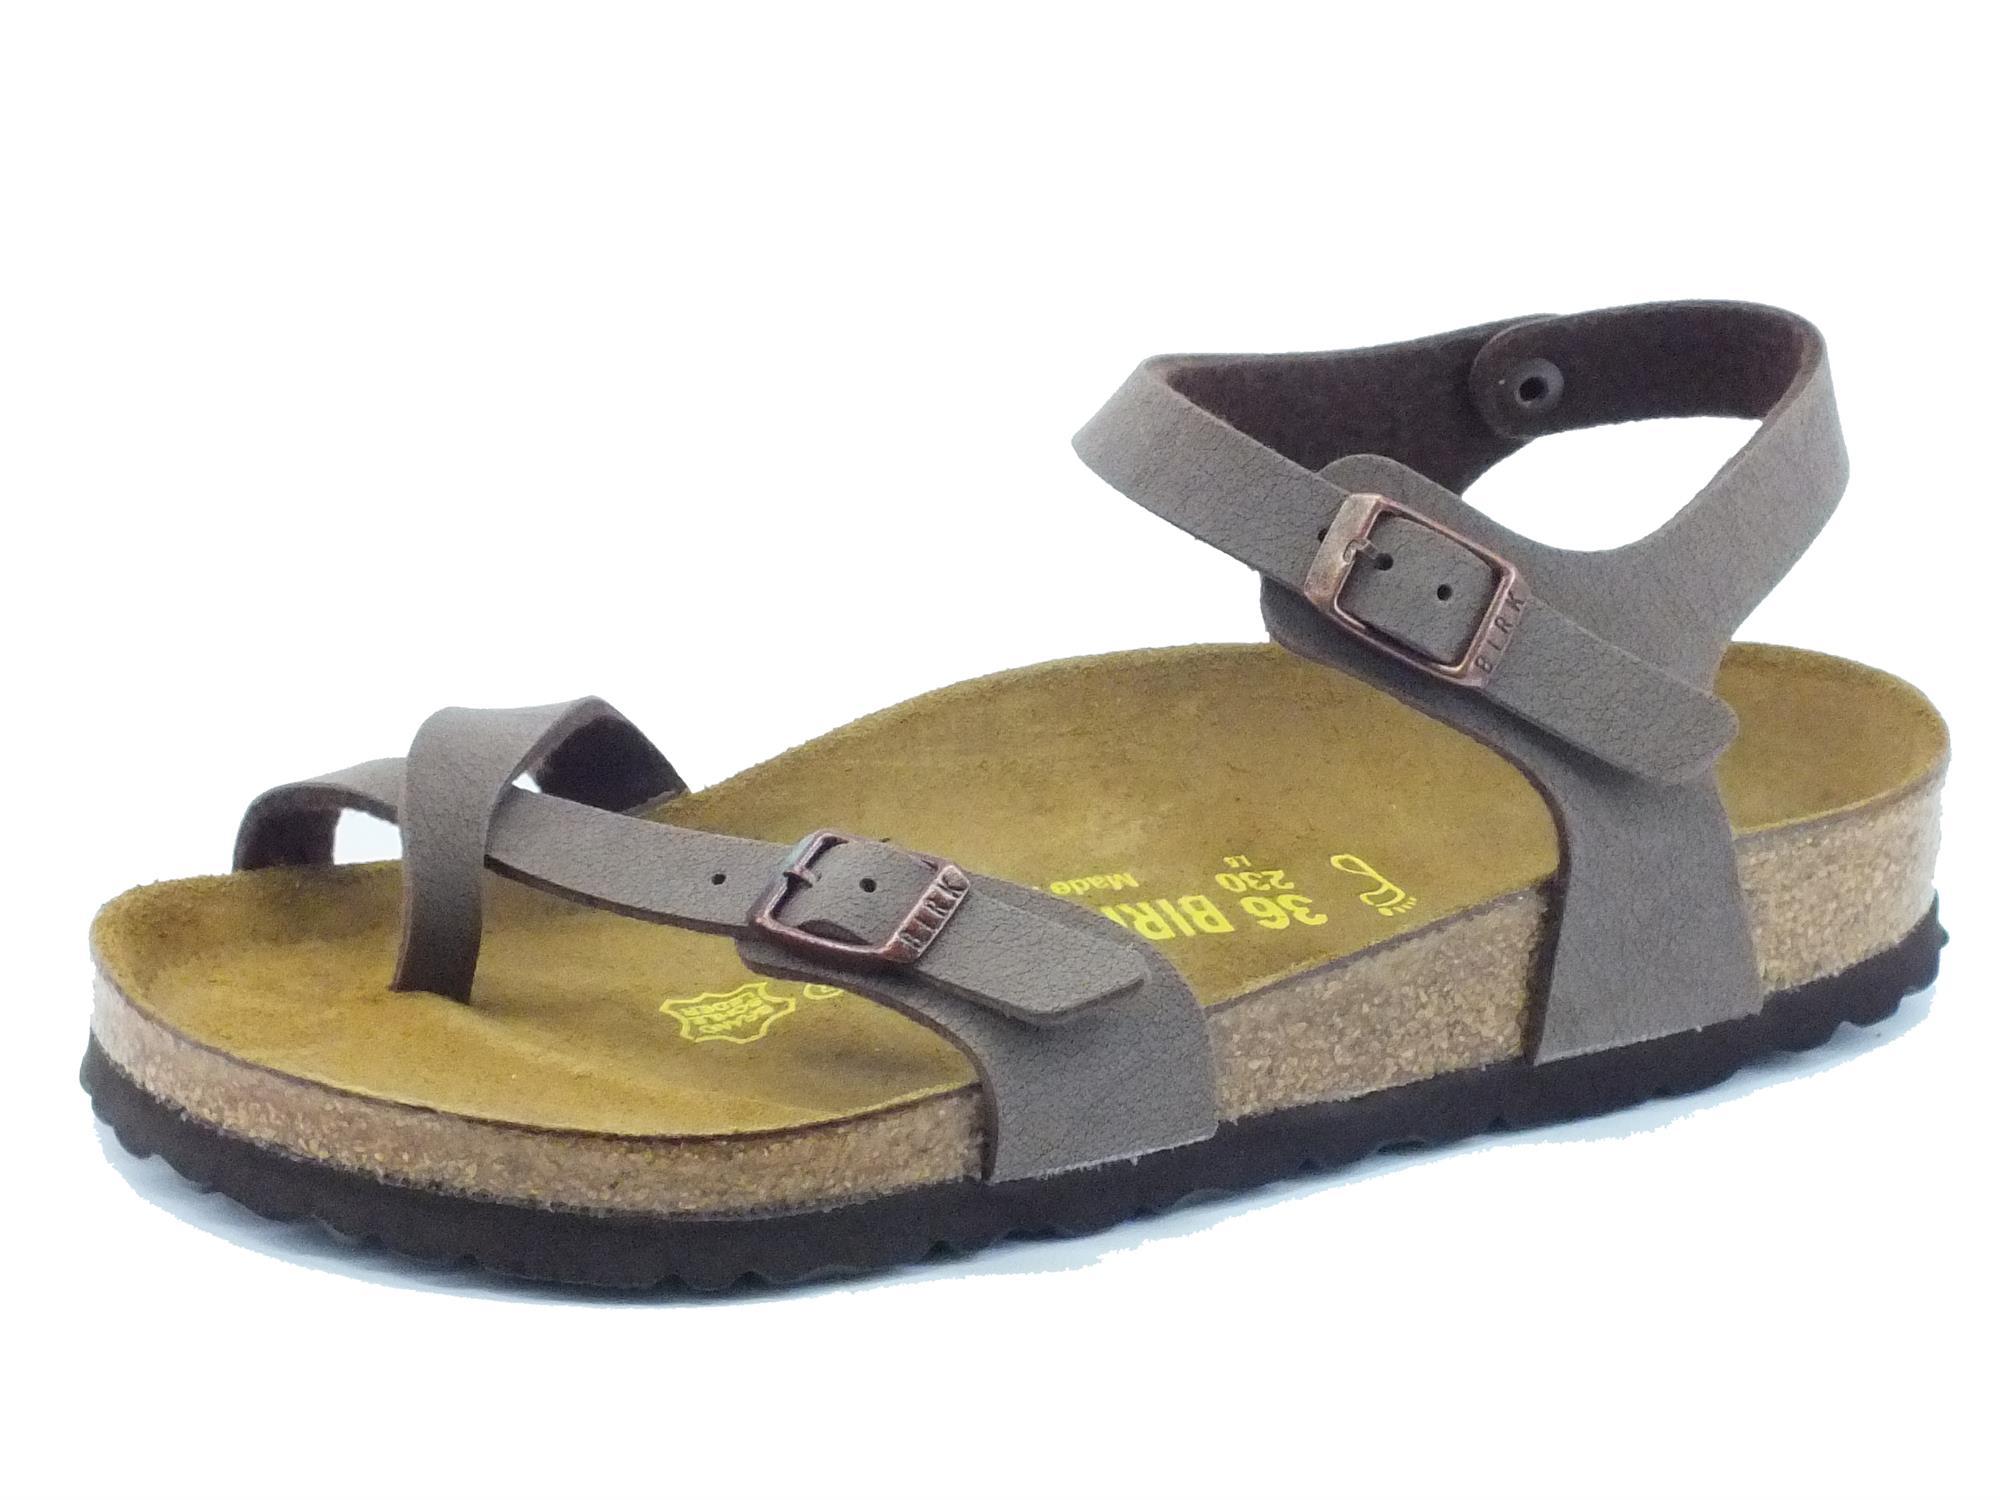 Sandali Birkenstock donna colore marrone - Vitiello Calzature 02380797914